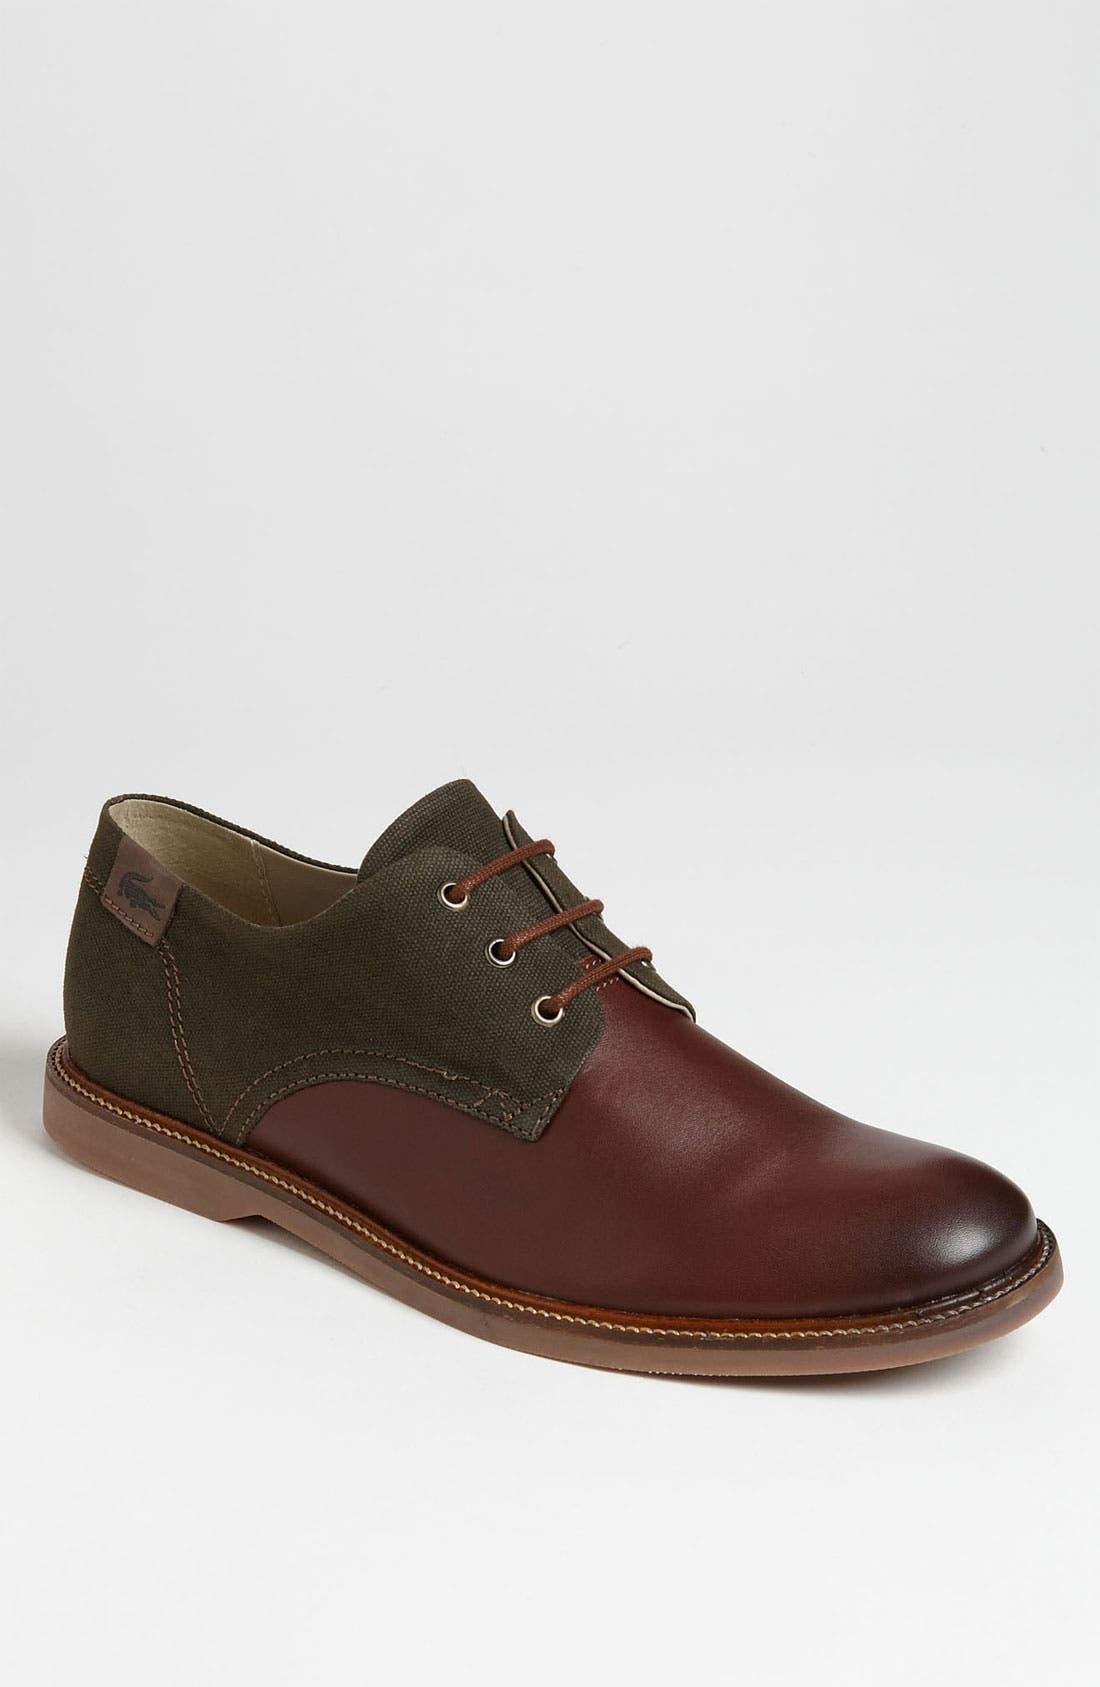 Main Image - Lacoste 'Sherbrooke 5' Buck Shoe